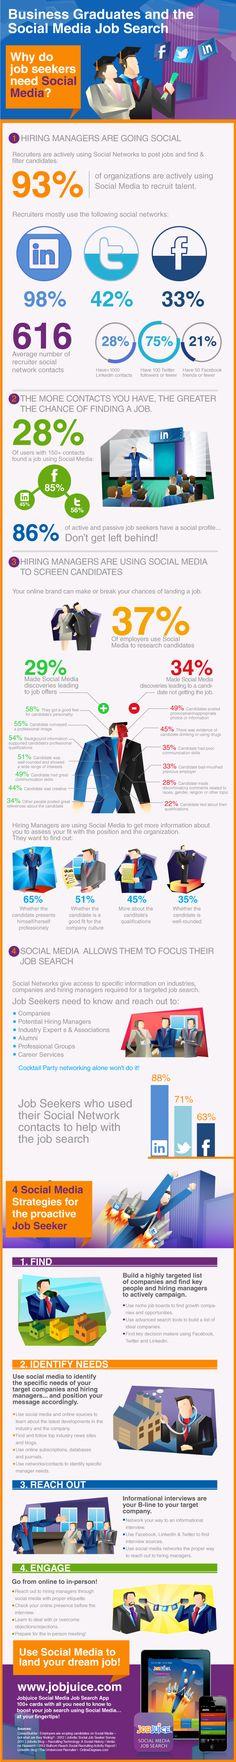 Social Media Job Searching - Handy tips!